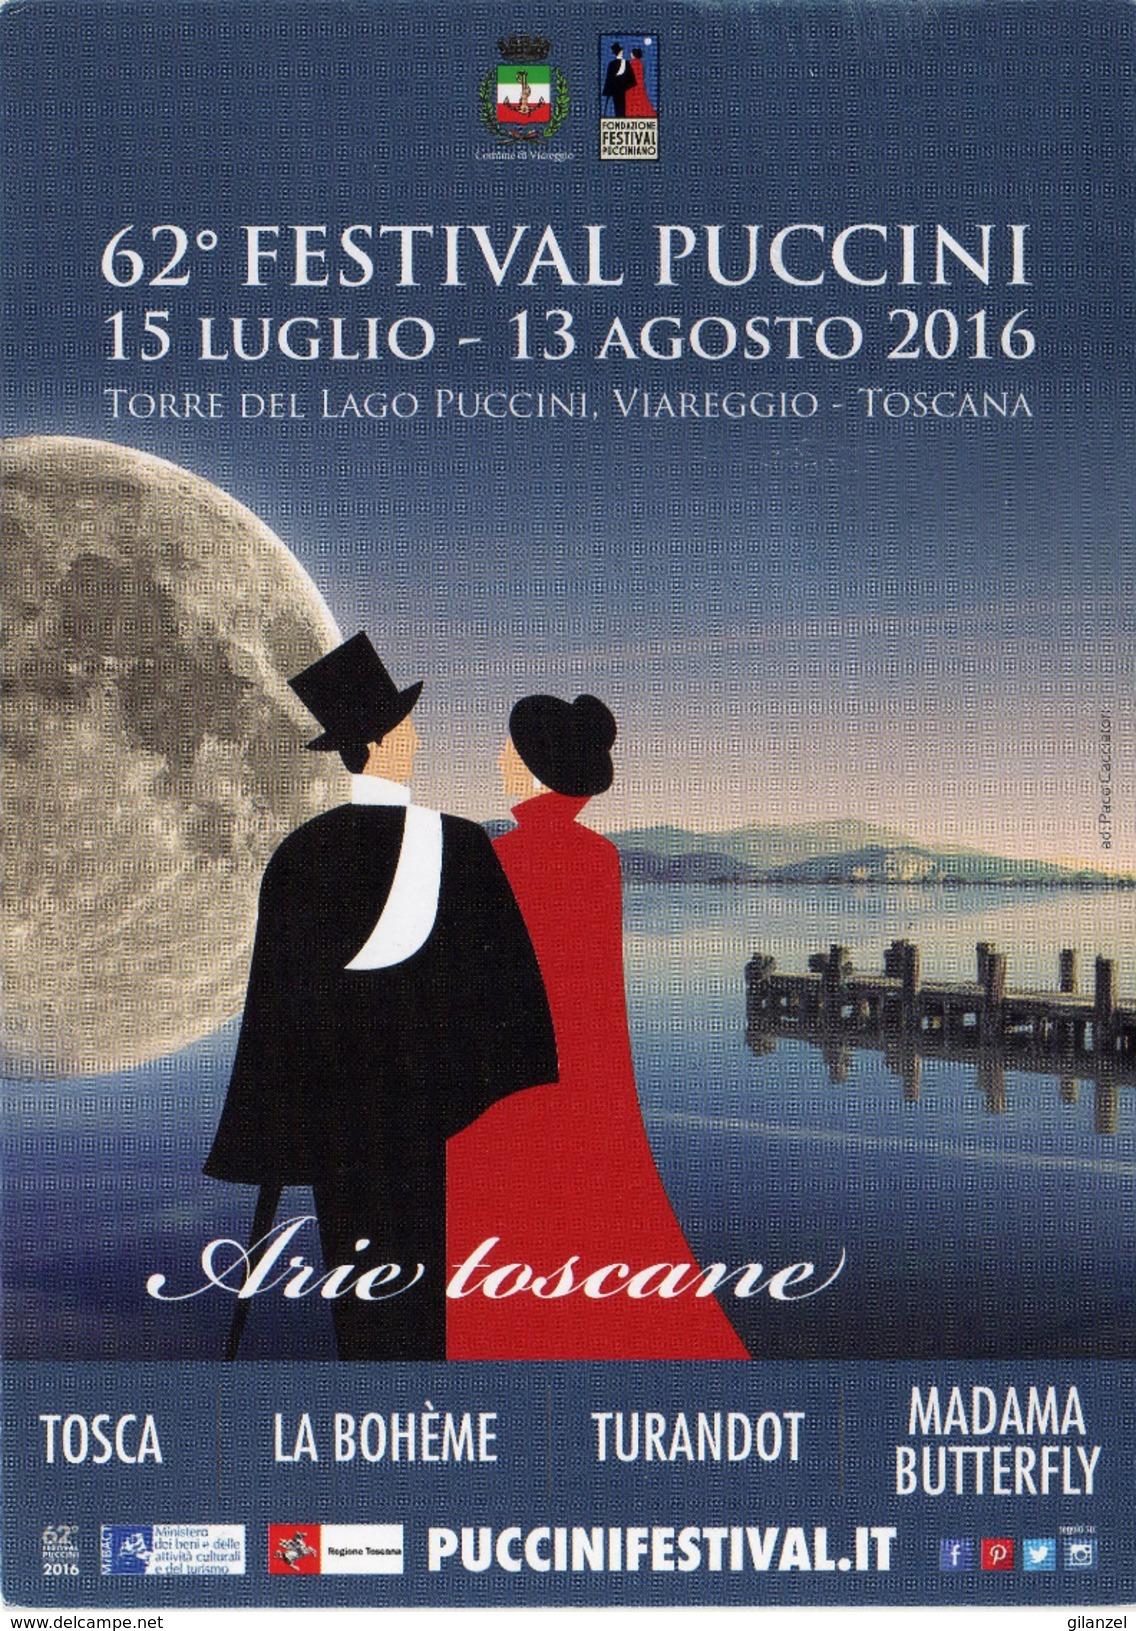 Italia 2016 Viareggio Annullo Cartolina Dedicata 62° Festival Puccini Tosca La Boheme Turandot Madama Butterflay - Musica